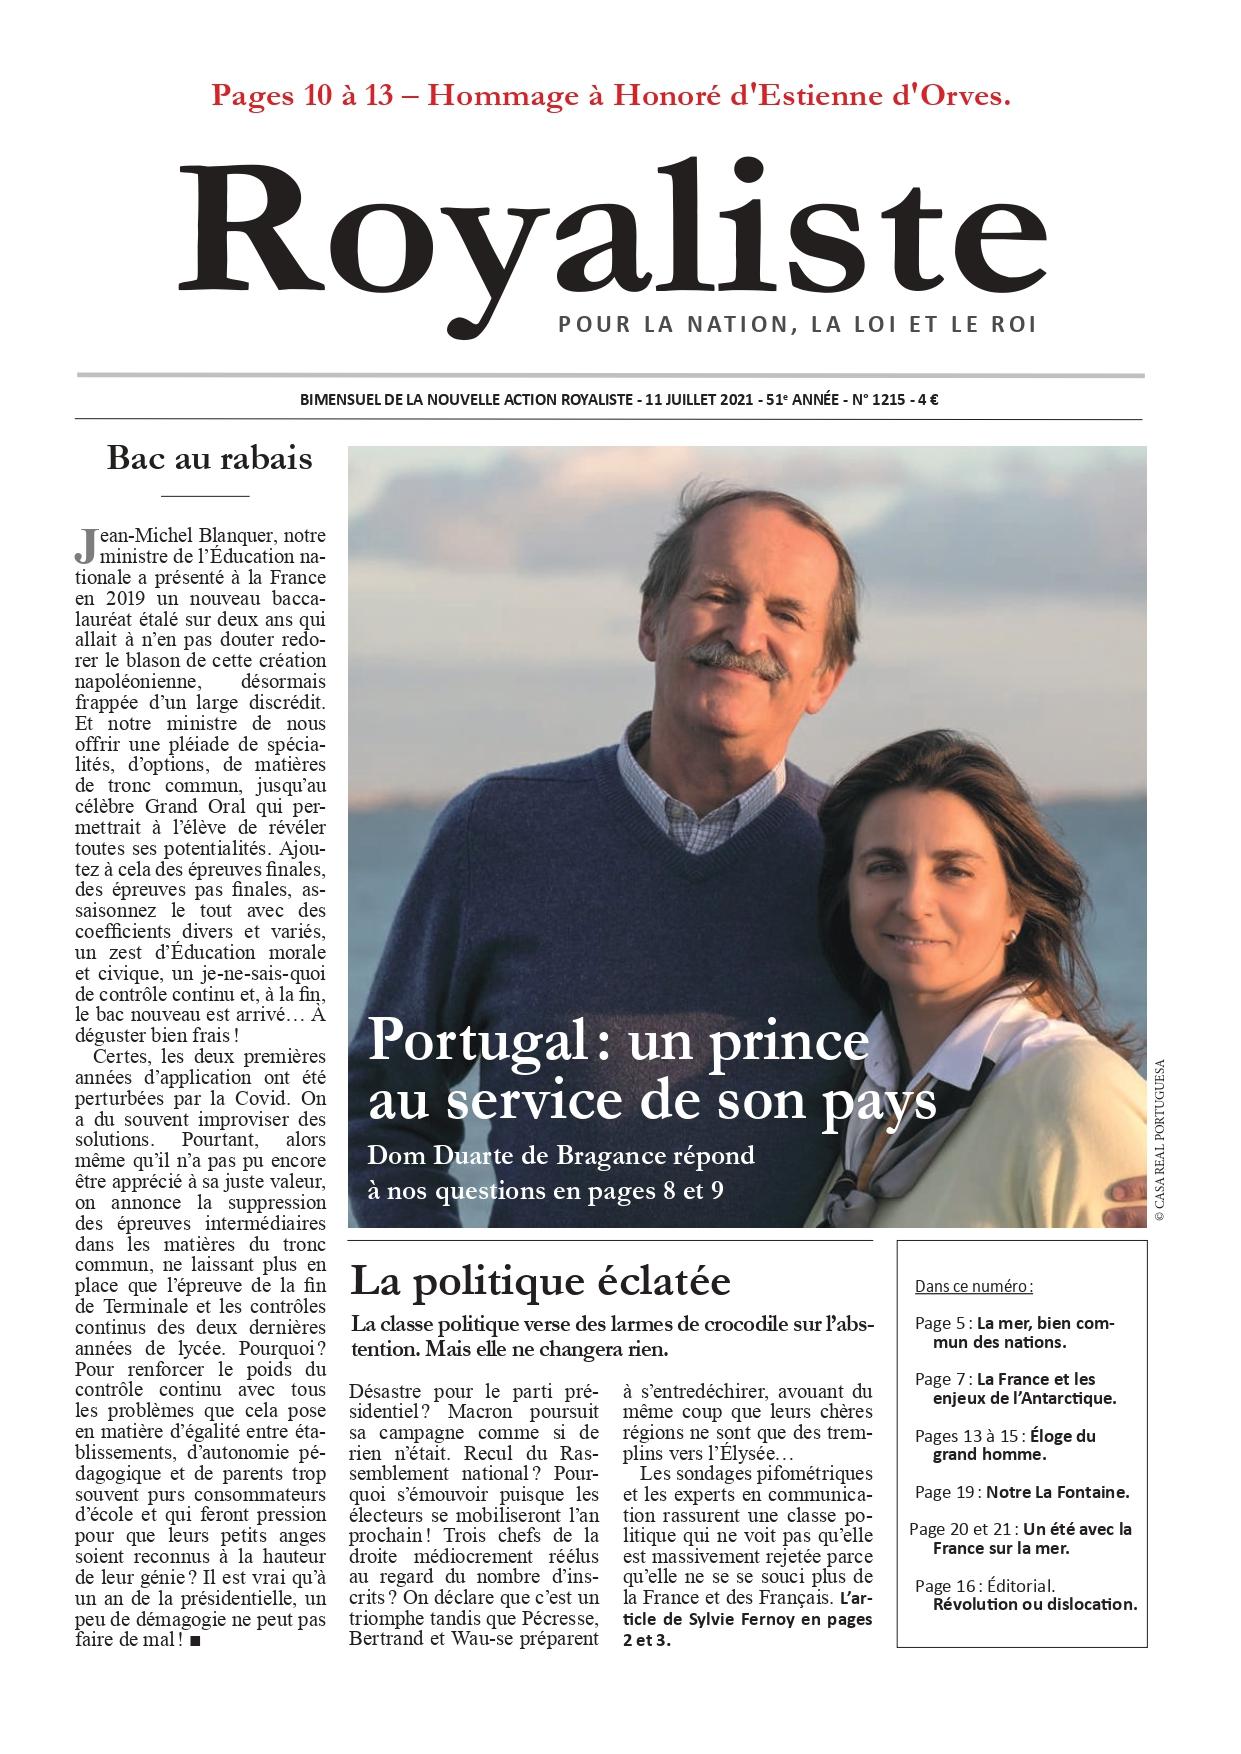 Portugal : un prince au service de son pays | La Nouvelle Action Royaliste